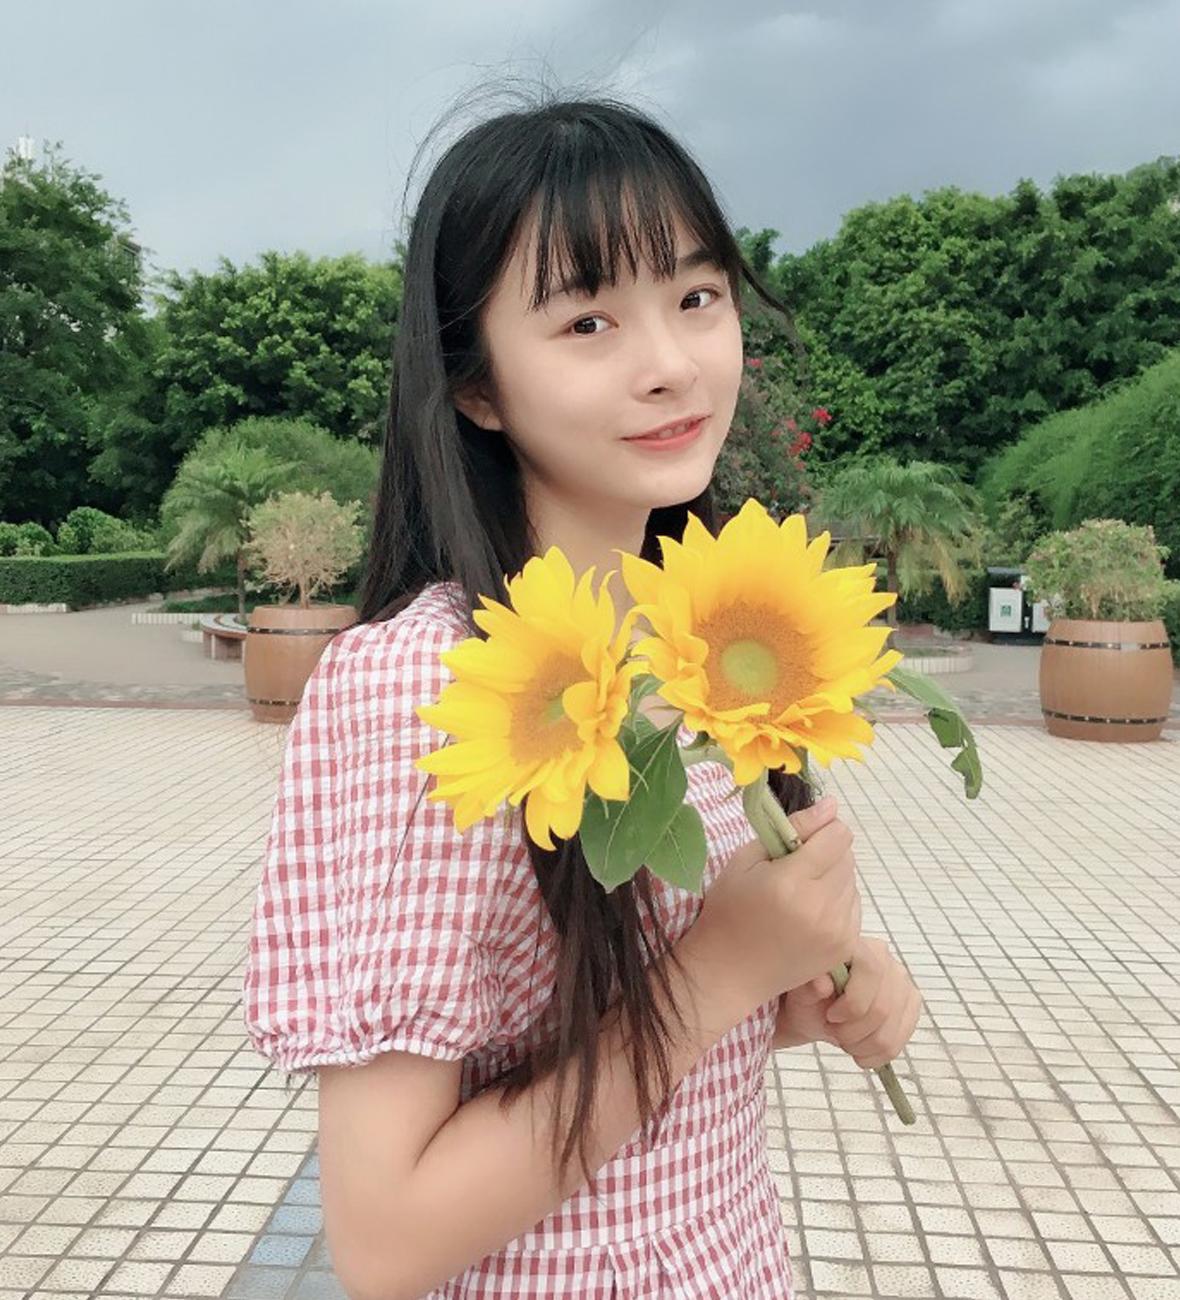 【花粉女生】格子,花粉女生-花粉俱乐部